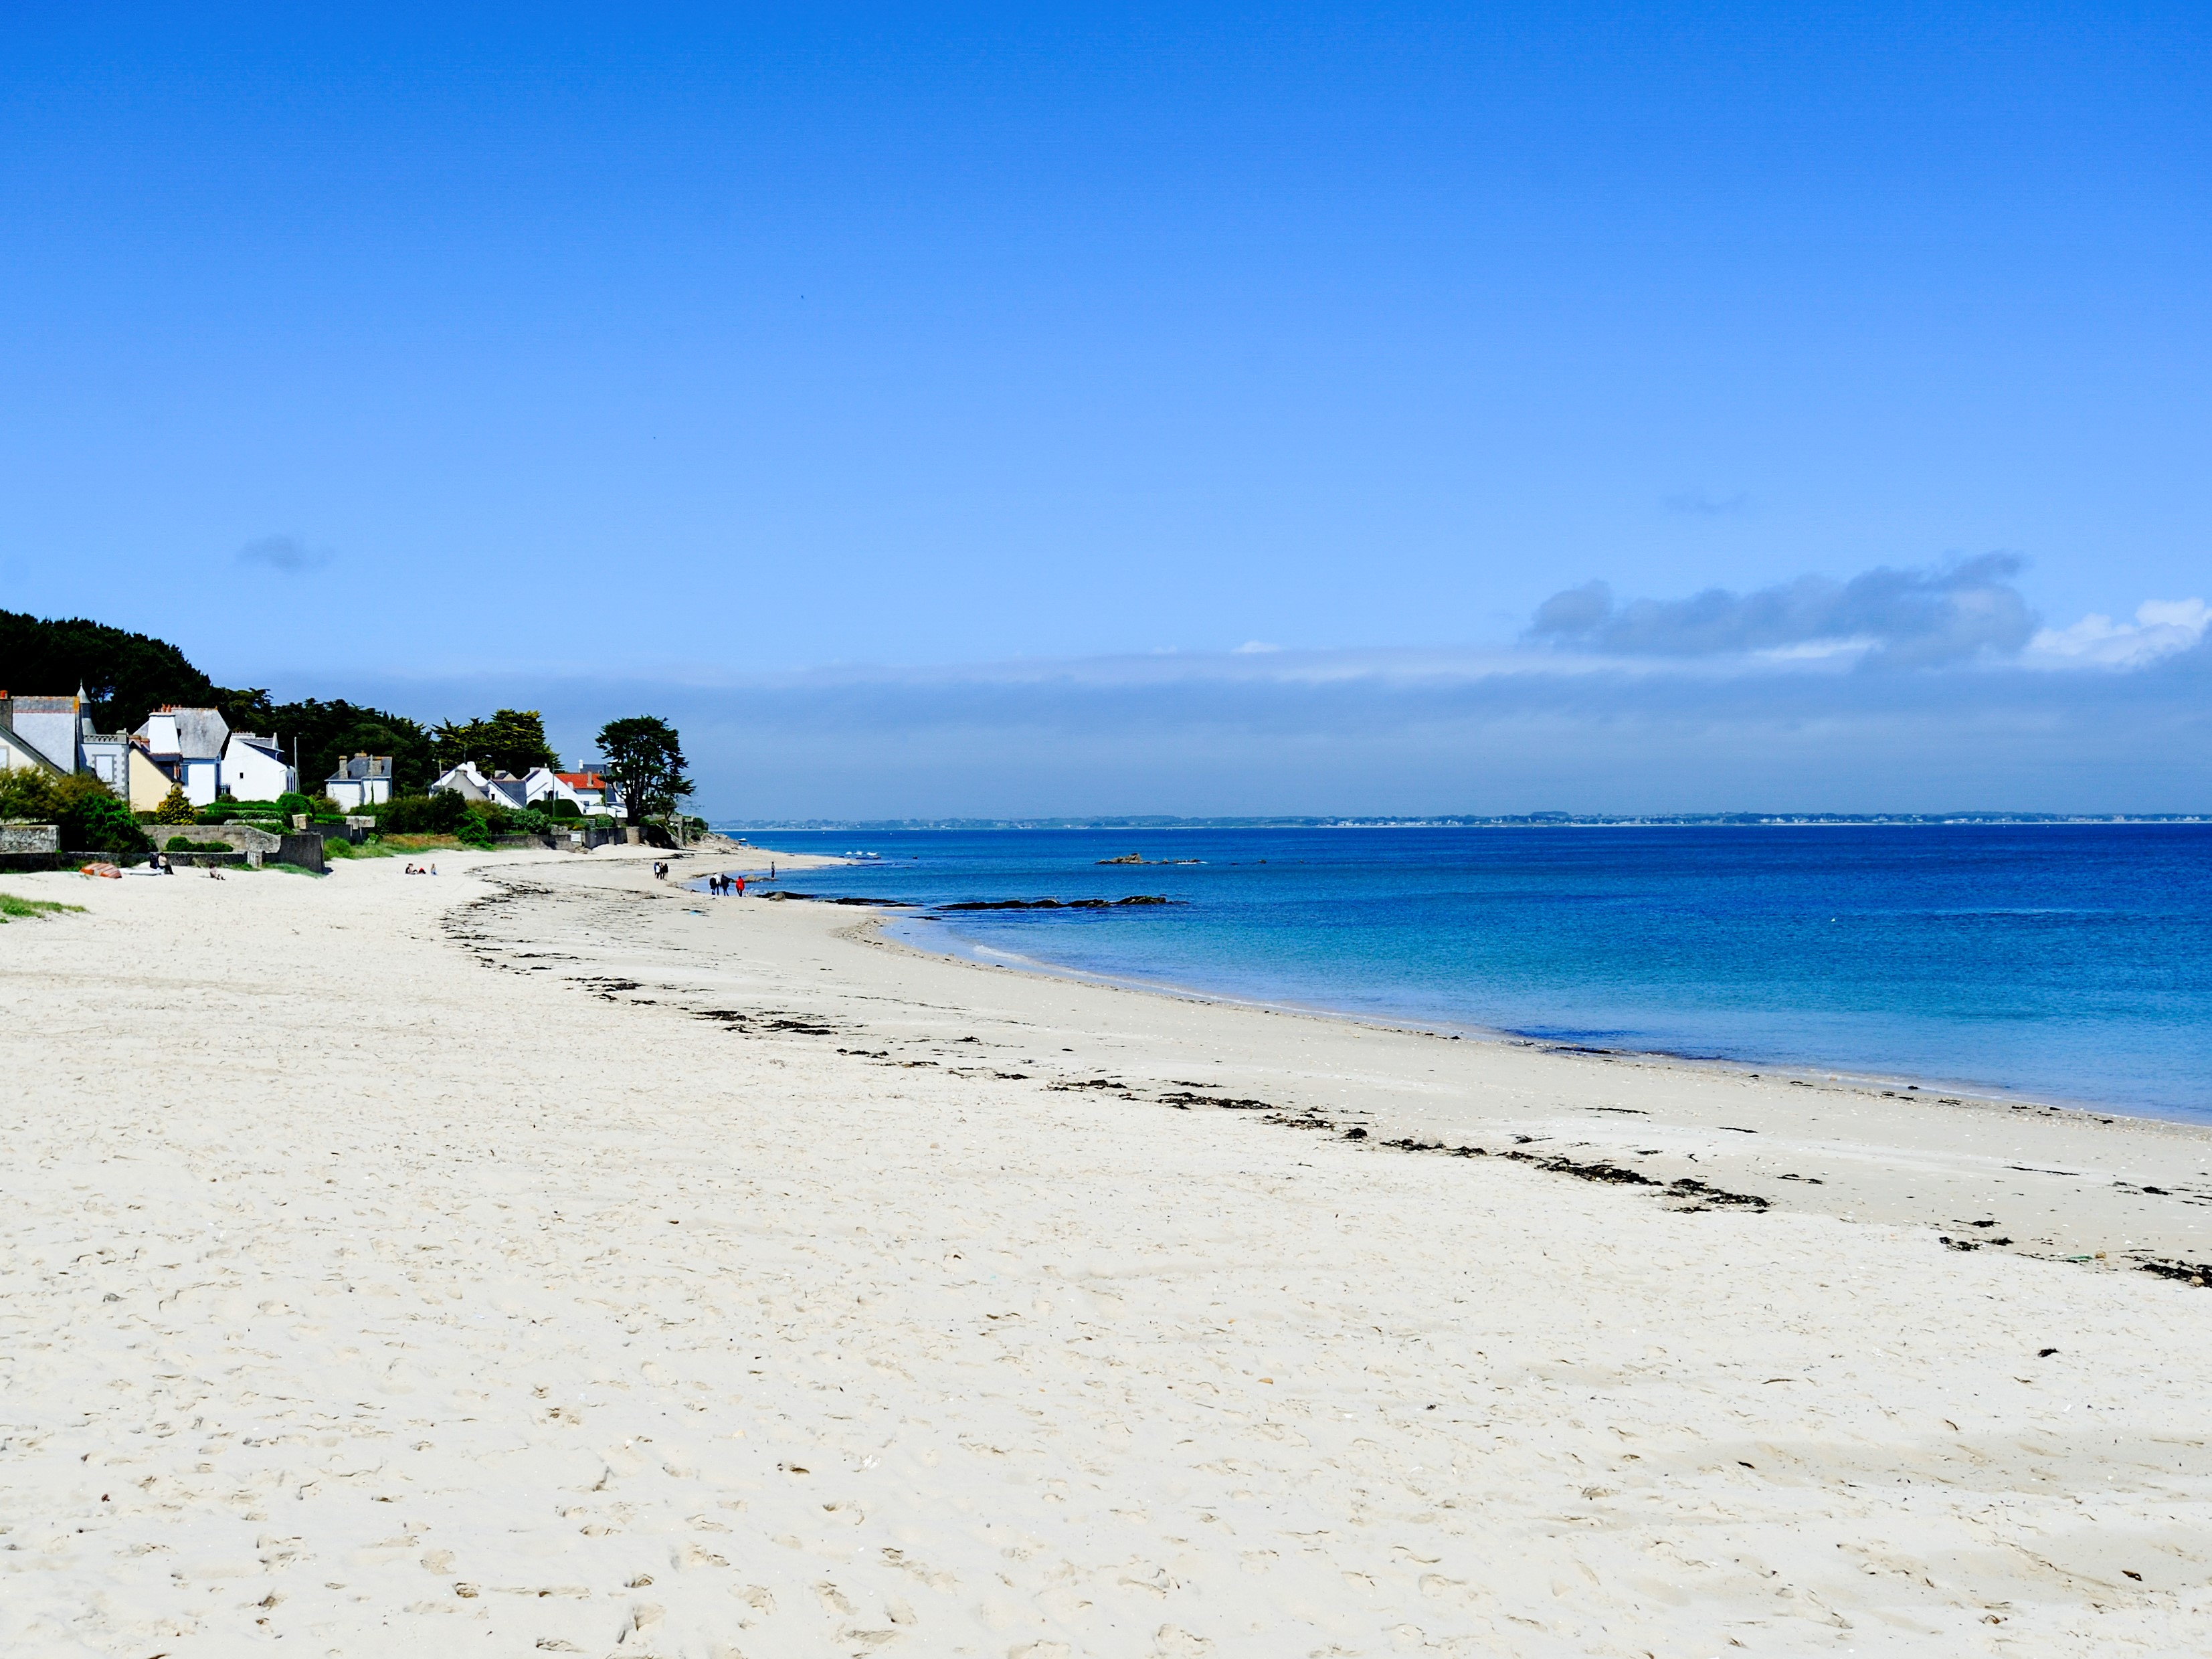 Plage de Grane Rohu dans la Baie De Quiberon. yannick Le Gal. CRT Bretagne.